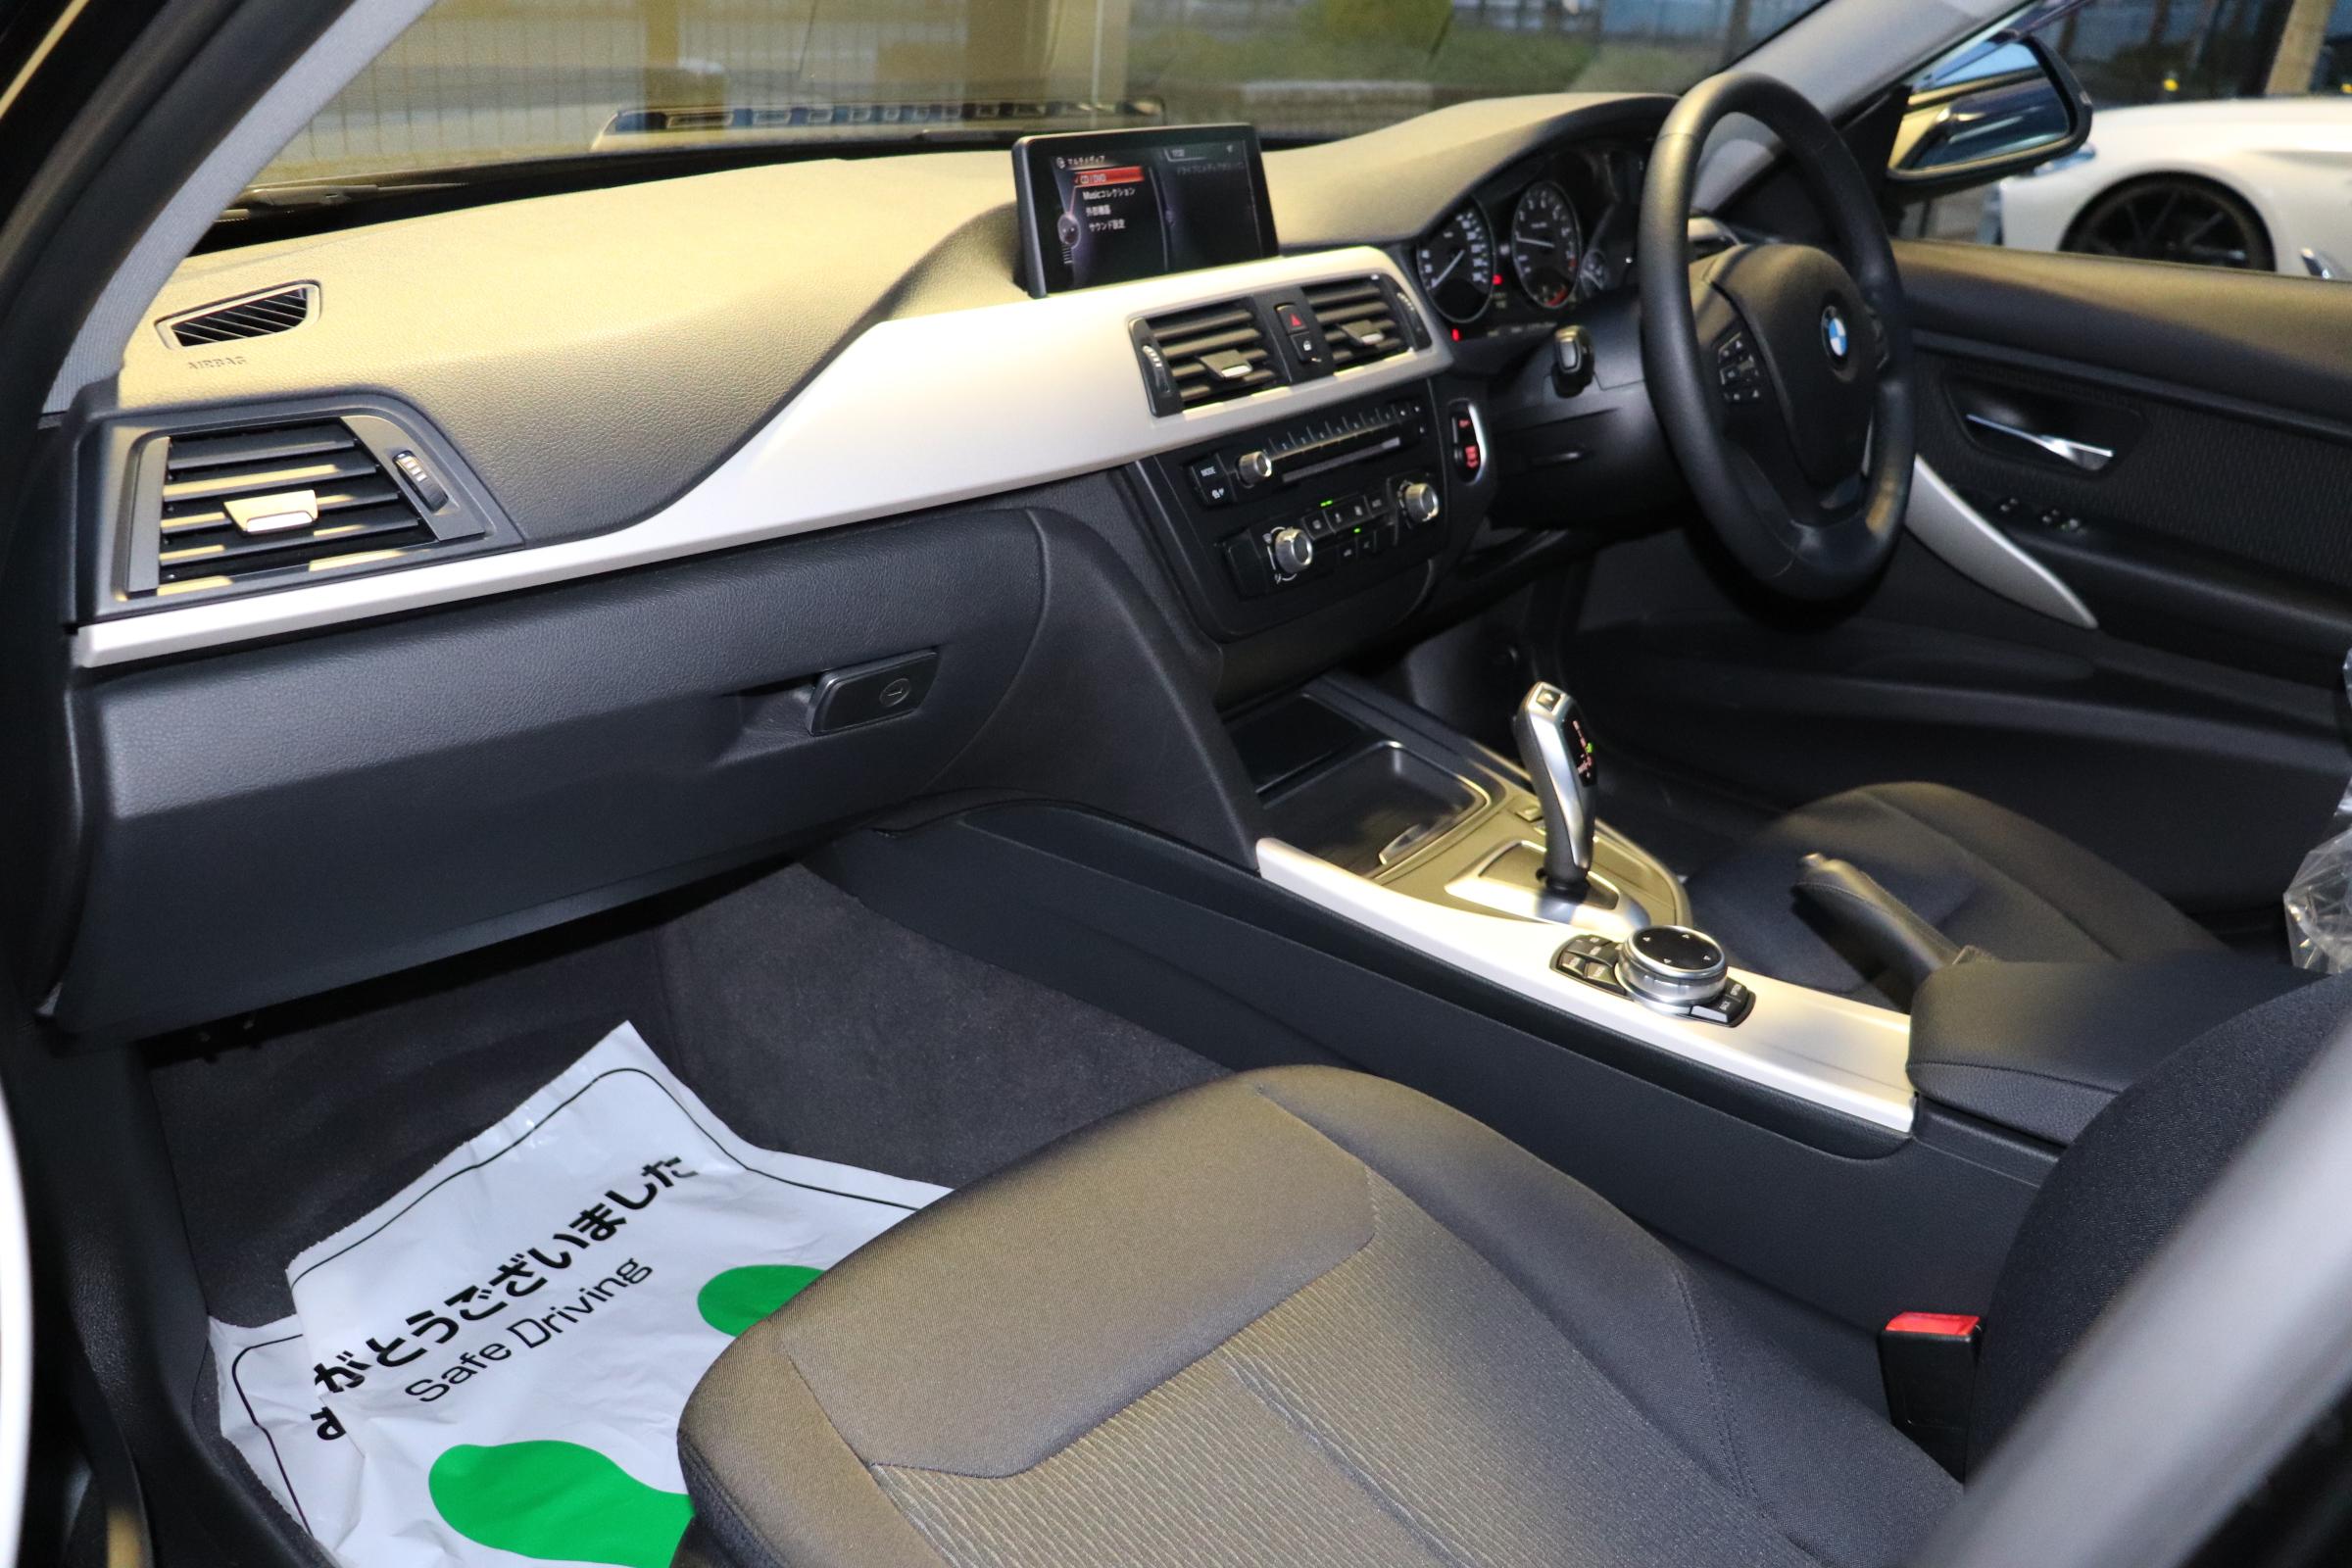 320iコアBEAMコンプリートカー 150台限定車 アクティブクルコン 衝突軽減ブレーキ車両画像14